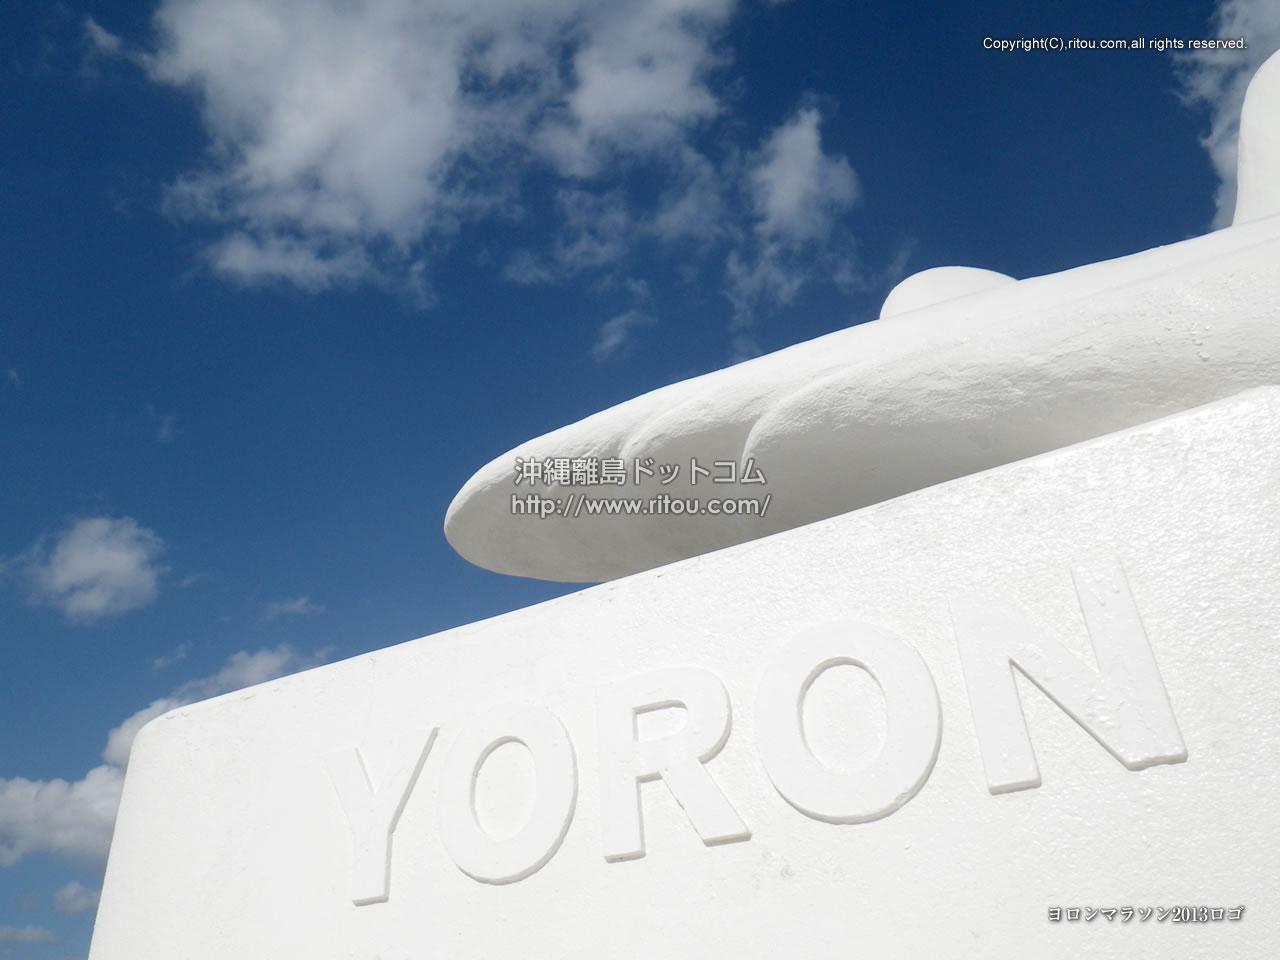 ヨロンマラソン2013ロゴ